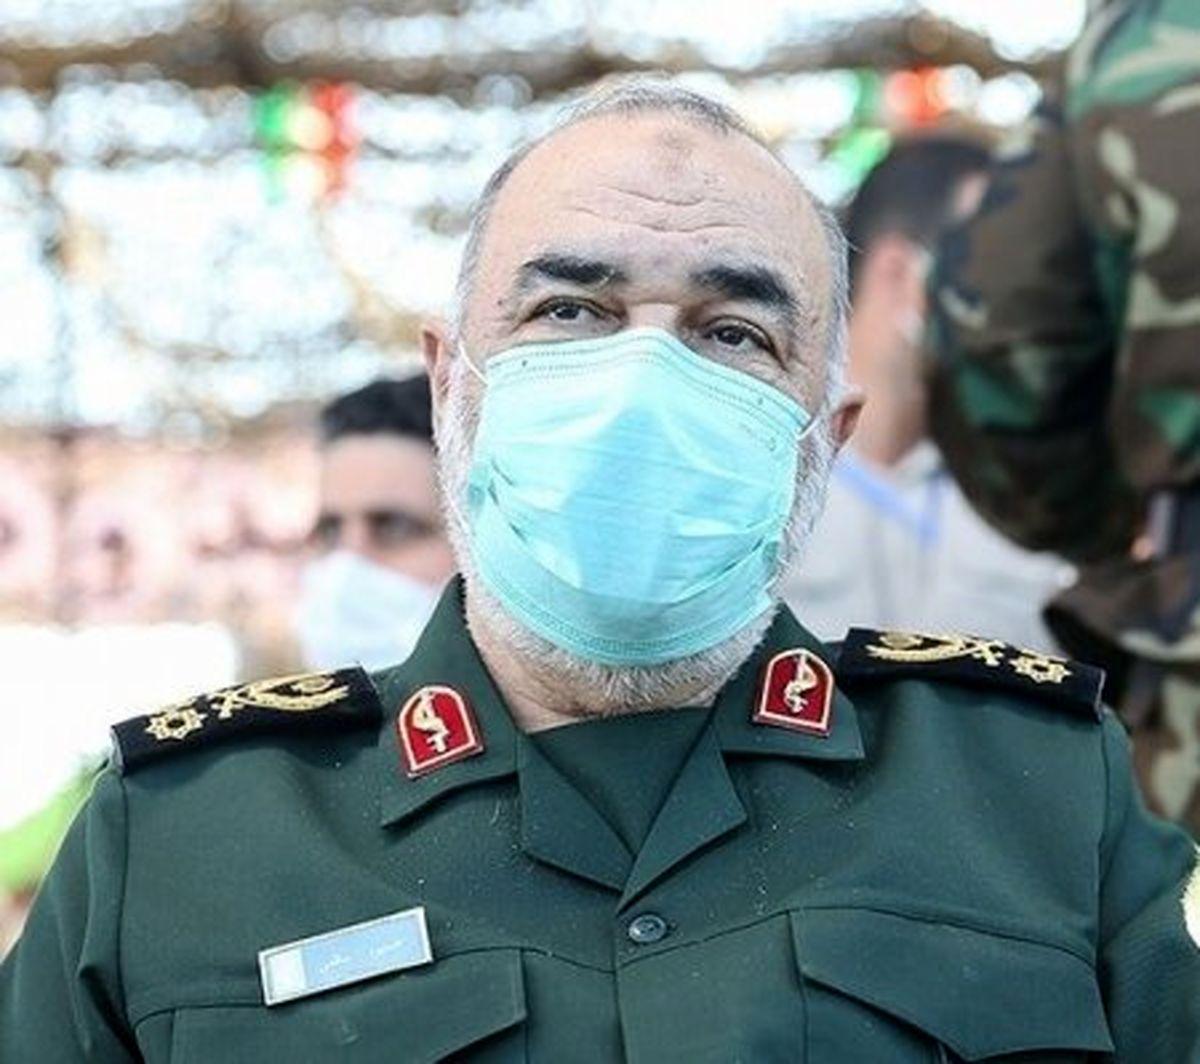 فرمانده کل سپاه: به دشمن برای واردات واکسن اعتماد نداریم